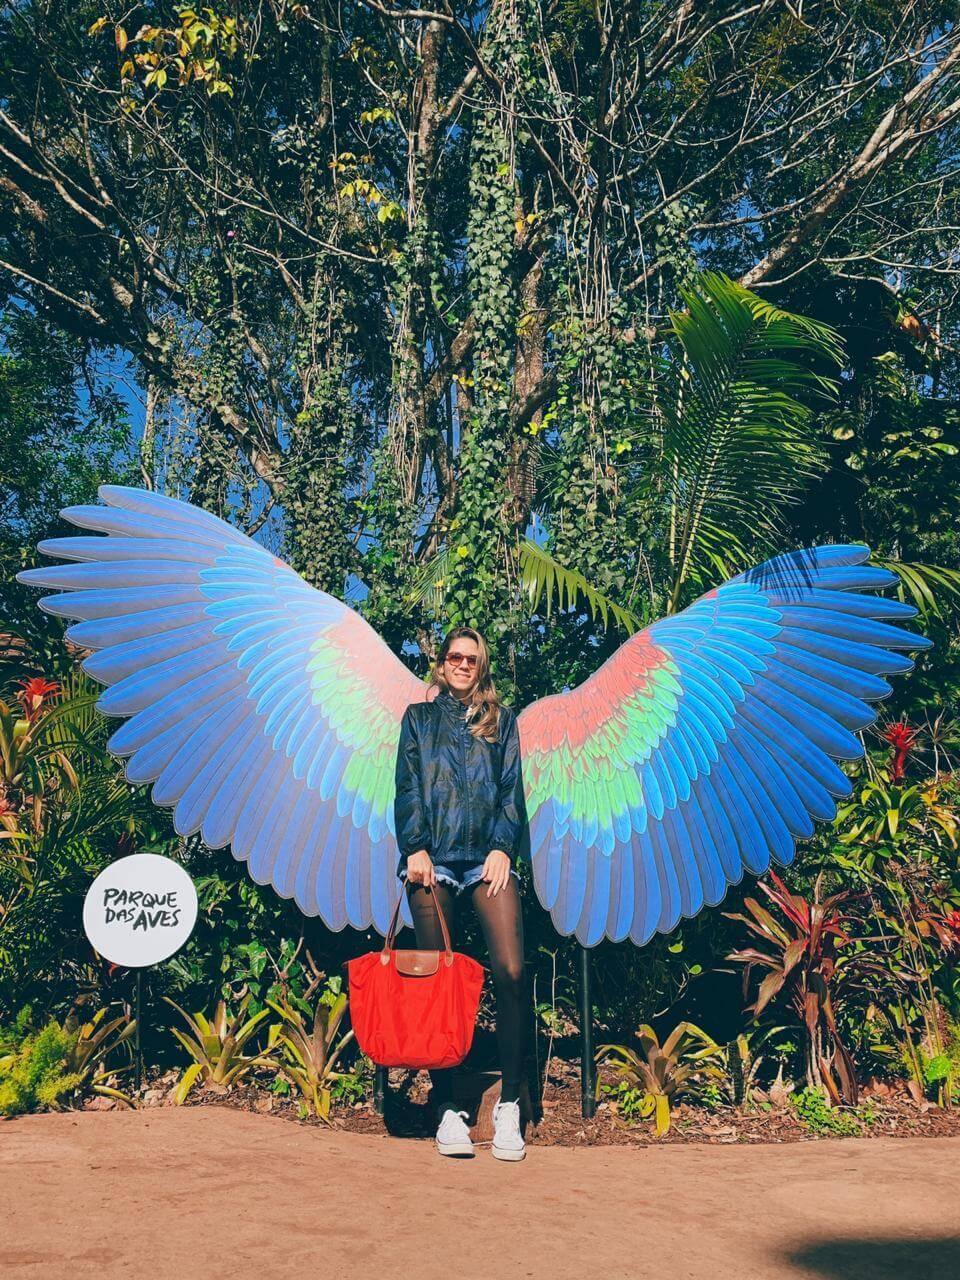 Manuela Brasão posa com asas de arara da decoração do Parque das Aves em Foz do Iguaçu.